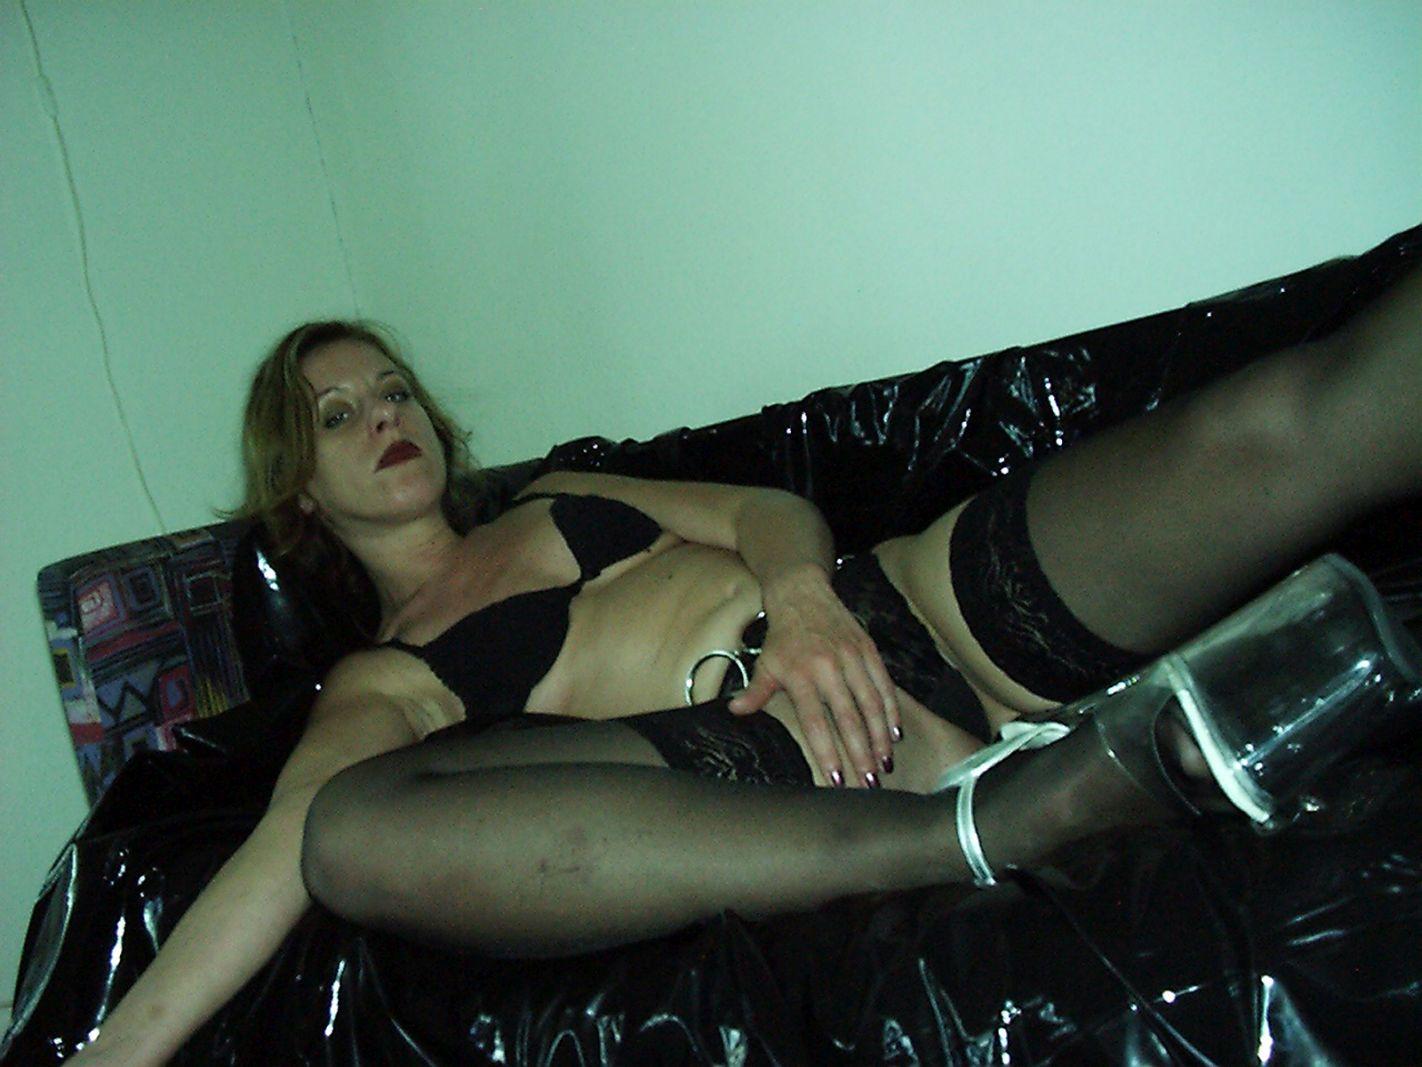 Frau fasst sich an den Unterleib